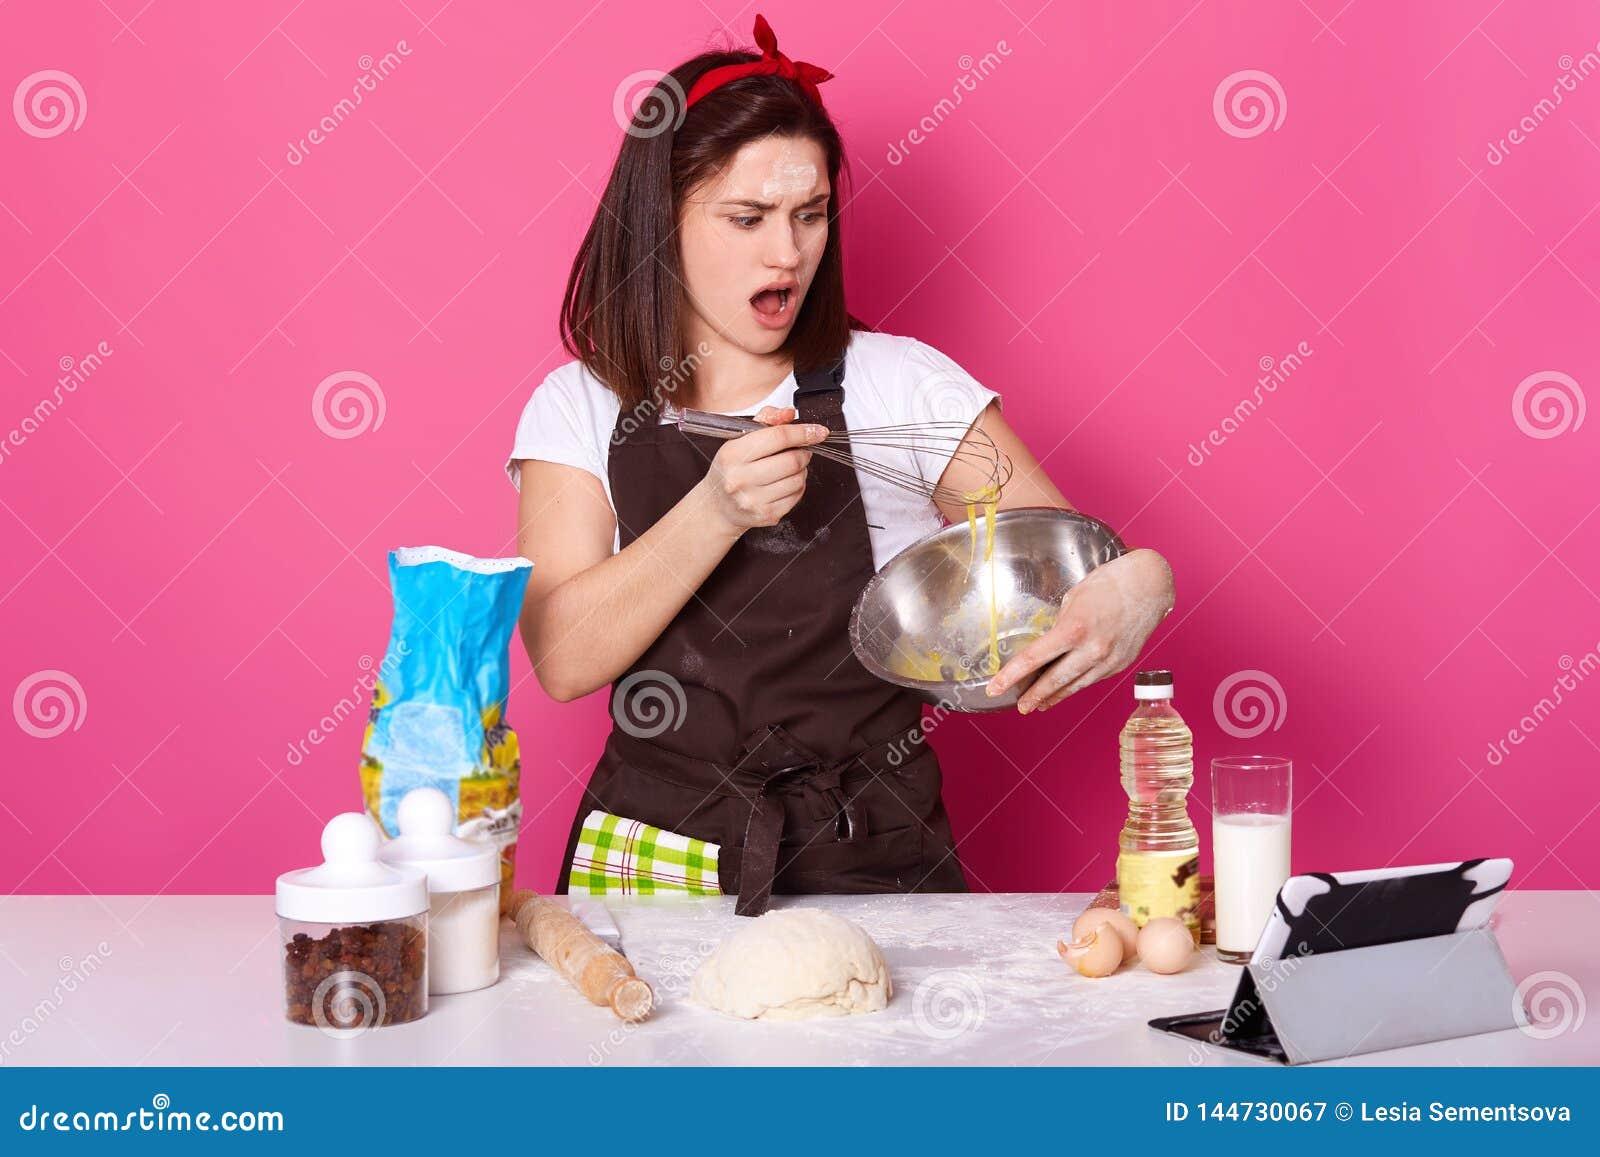 Die Atelieraufnahme der Frau Eier in der K?che wischend, hat erstaunt, dass Gesichtsausdruck, selbst gemachtes Geb?ck machend, ba